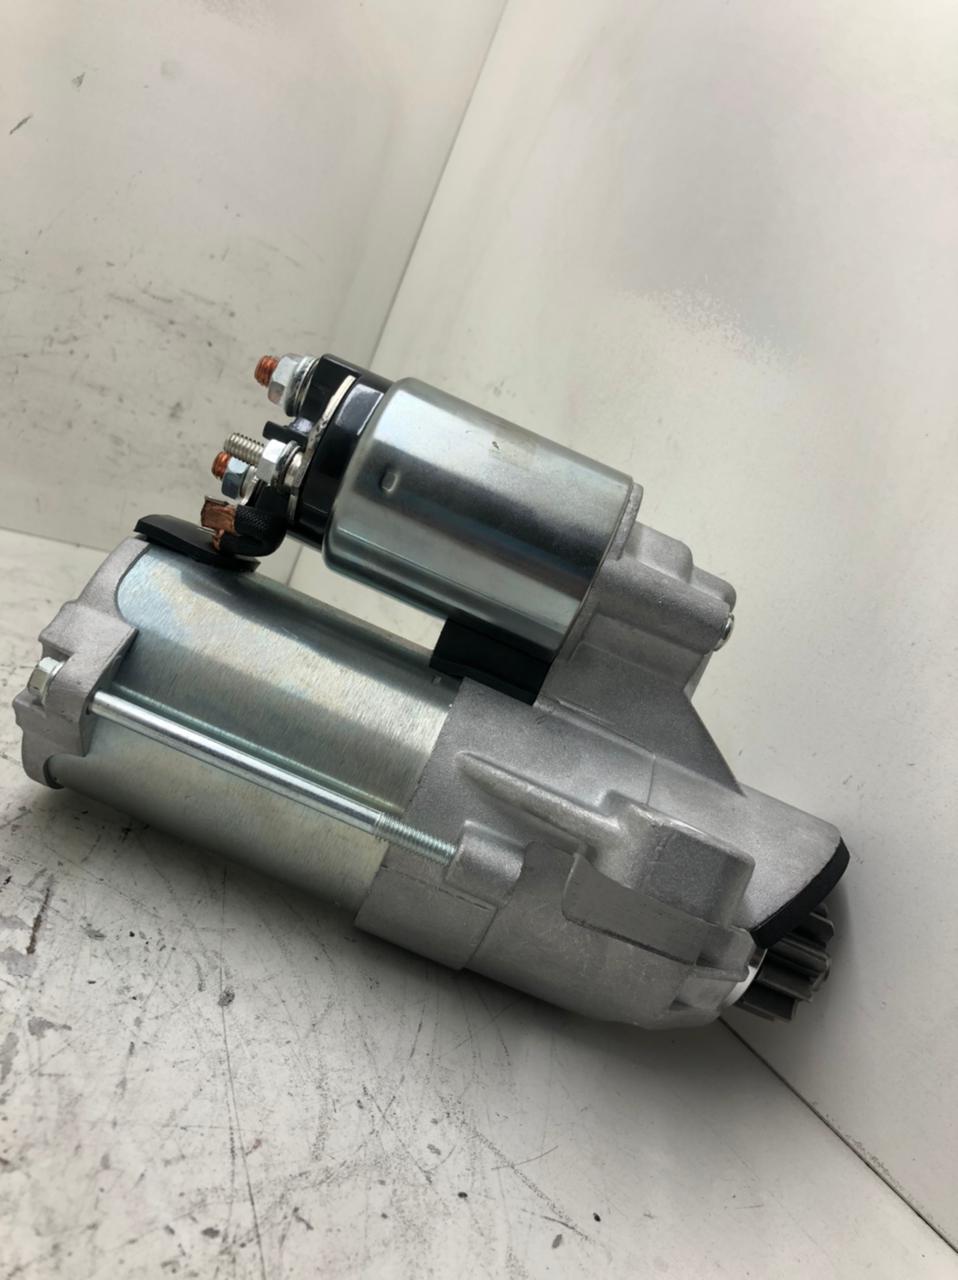 Motor de arranque FORD EDGE EXPLORER TAURUS 3.5 V6 3.7 V6 12V 10 DENTES 8G1T11000 AA AB AC AD AE BA 97162 D 20364 AEC11036